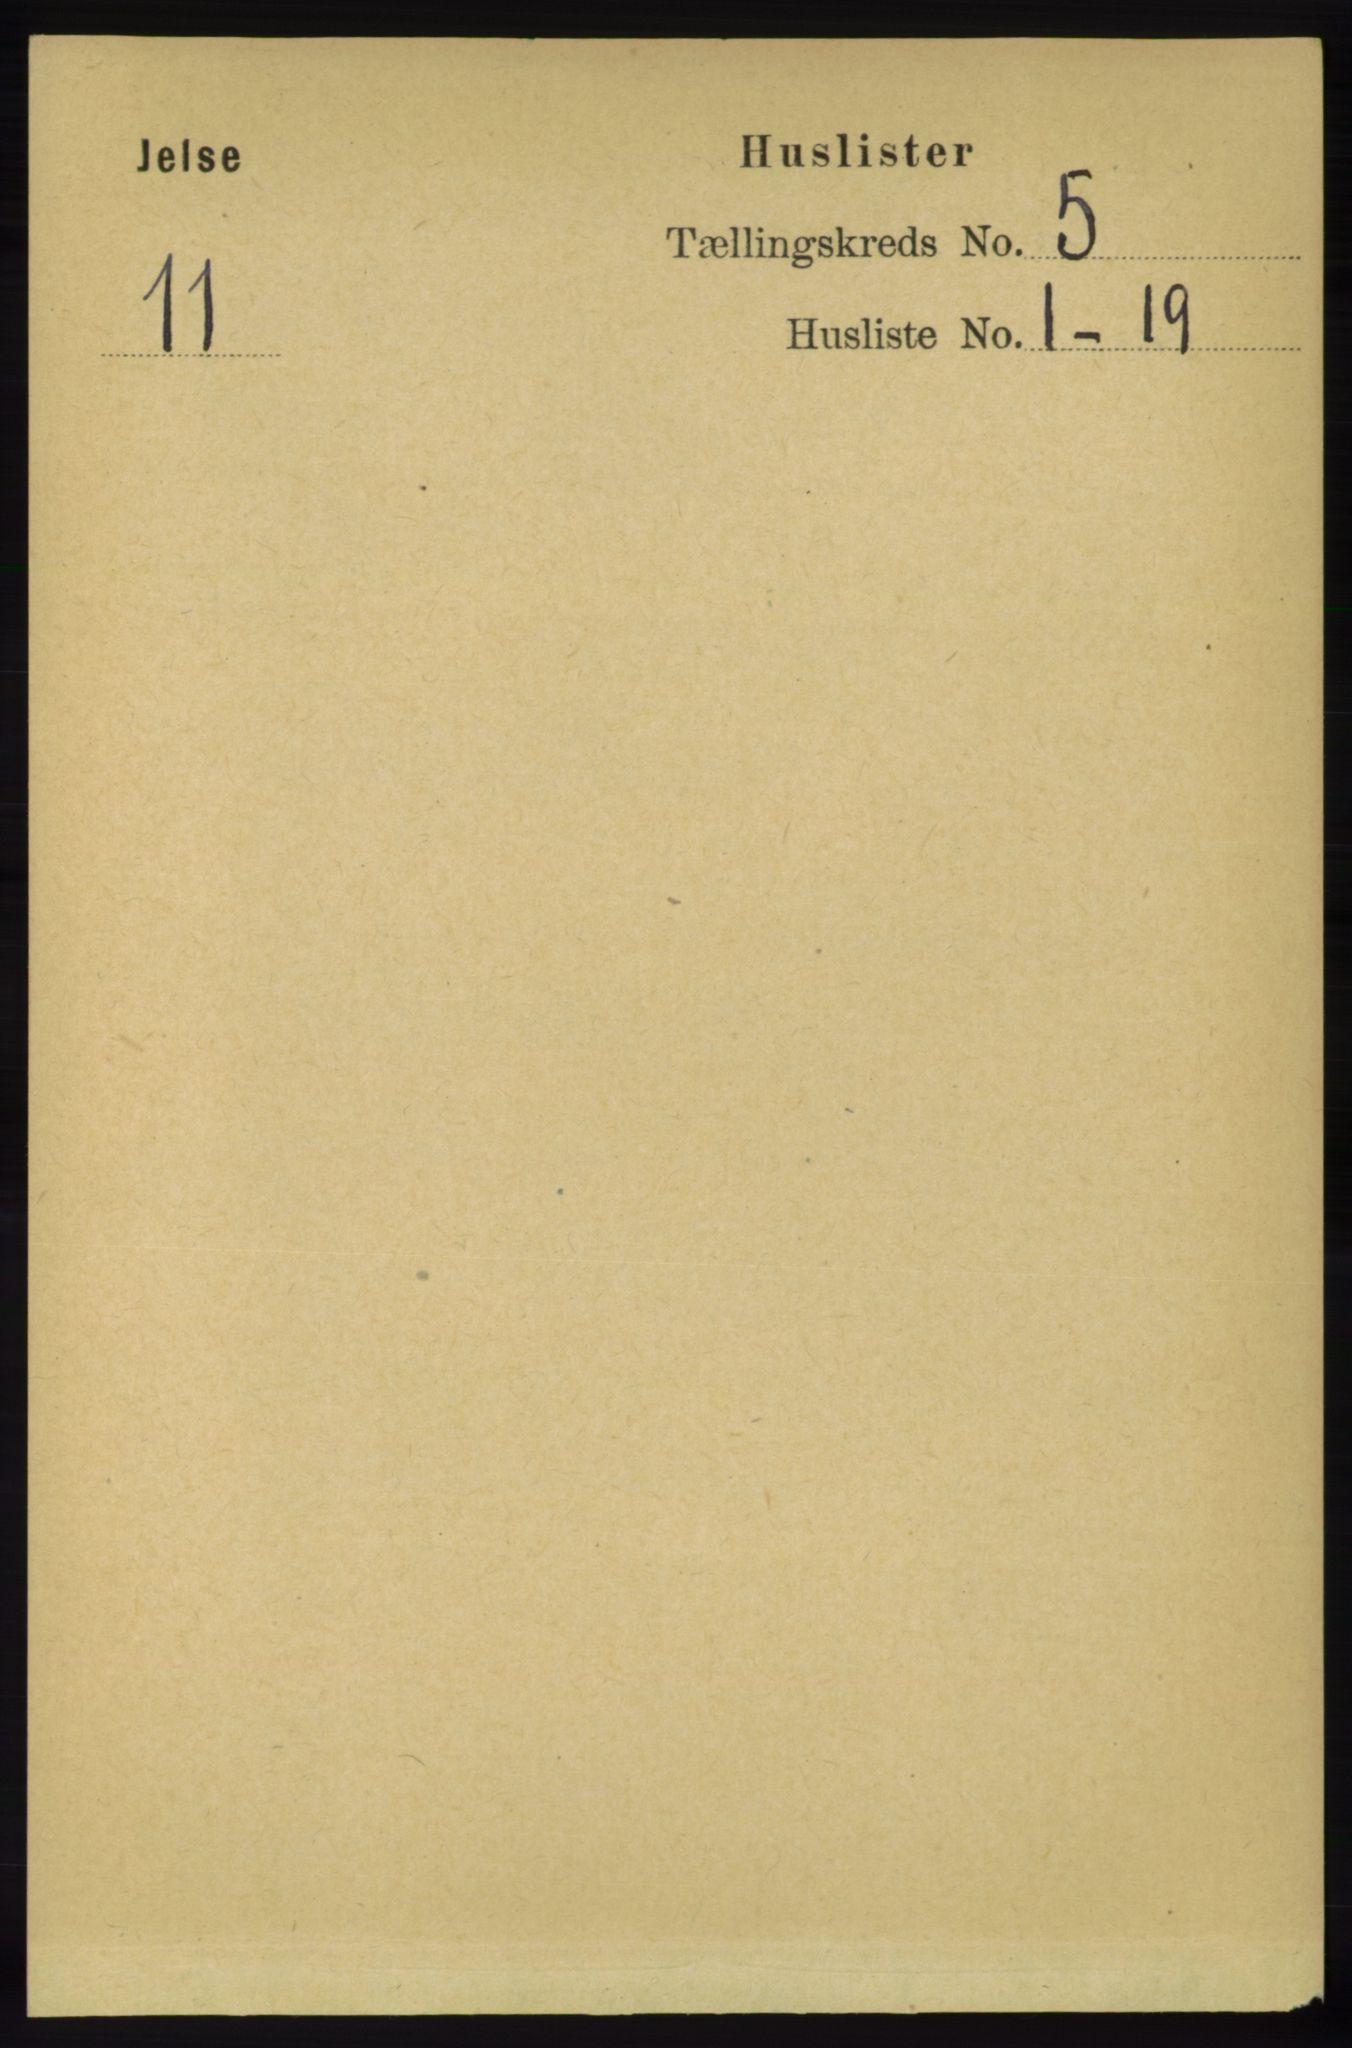 RA, Folketelling 1891 for 1138 Jelsa herred, 1891, s. 1041